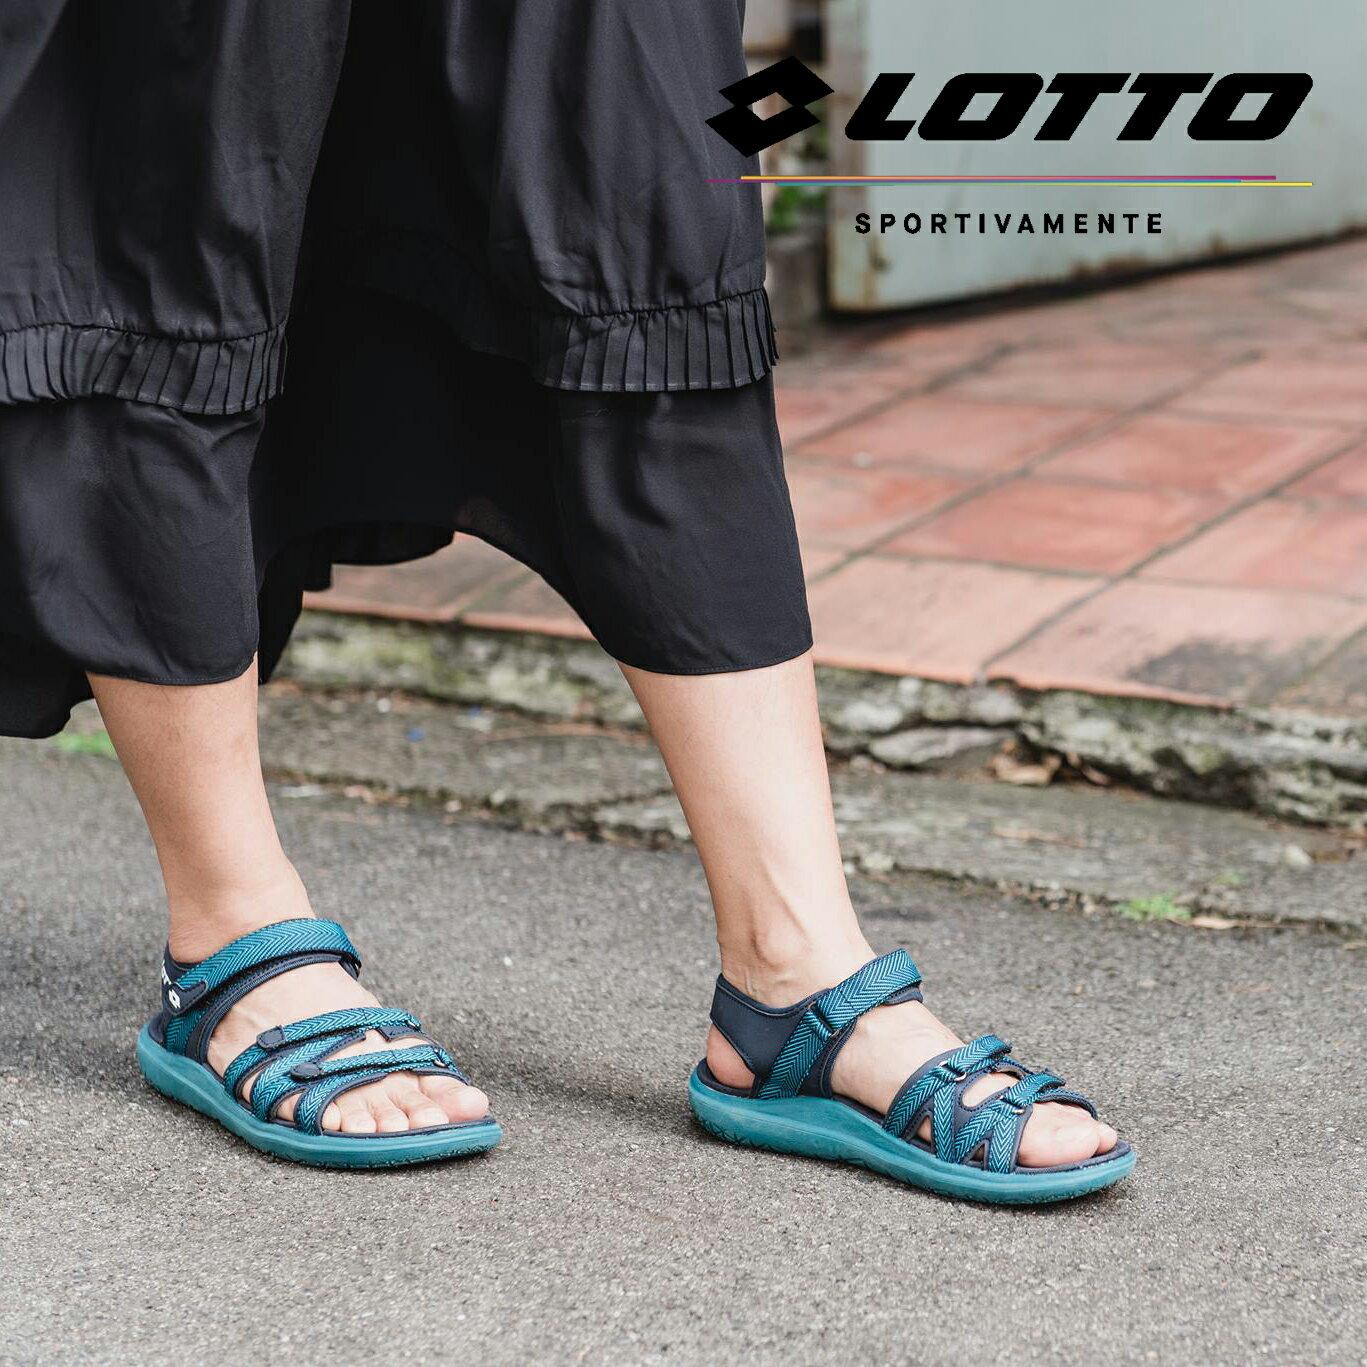 【巷子屋】義大利第一品牌-LOTTO樂得 女款人字紋織帶輕涼鞋 [6175] 松石綠 超值價$750